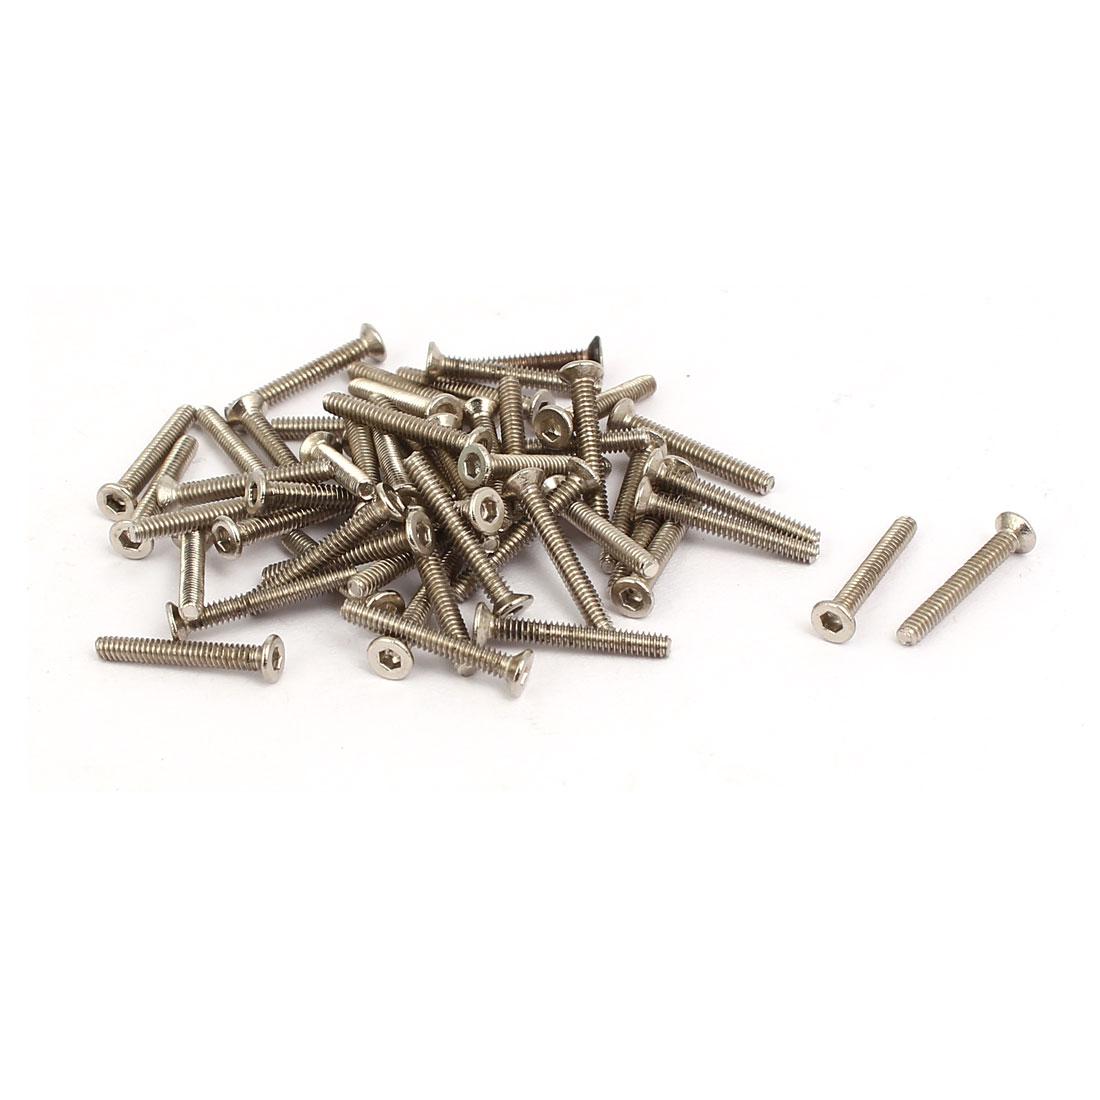 M1.6x12mm Grade 10.9 Flat Head Hex Socket Cap Screw Silver Tone 100pcs